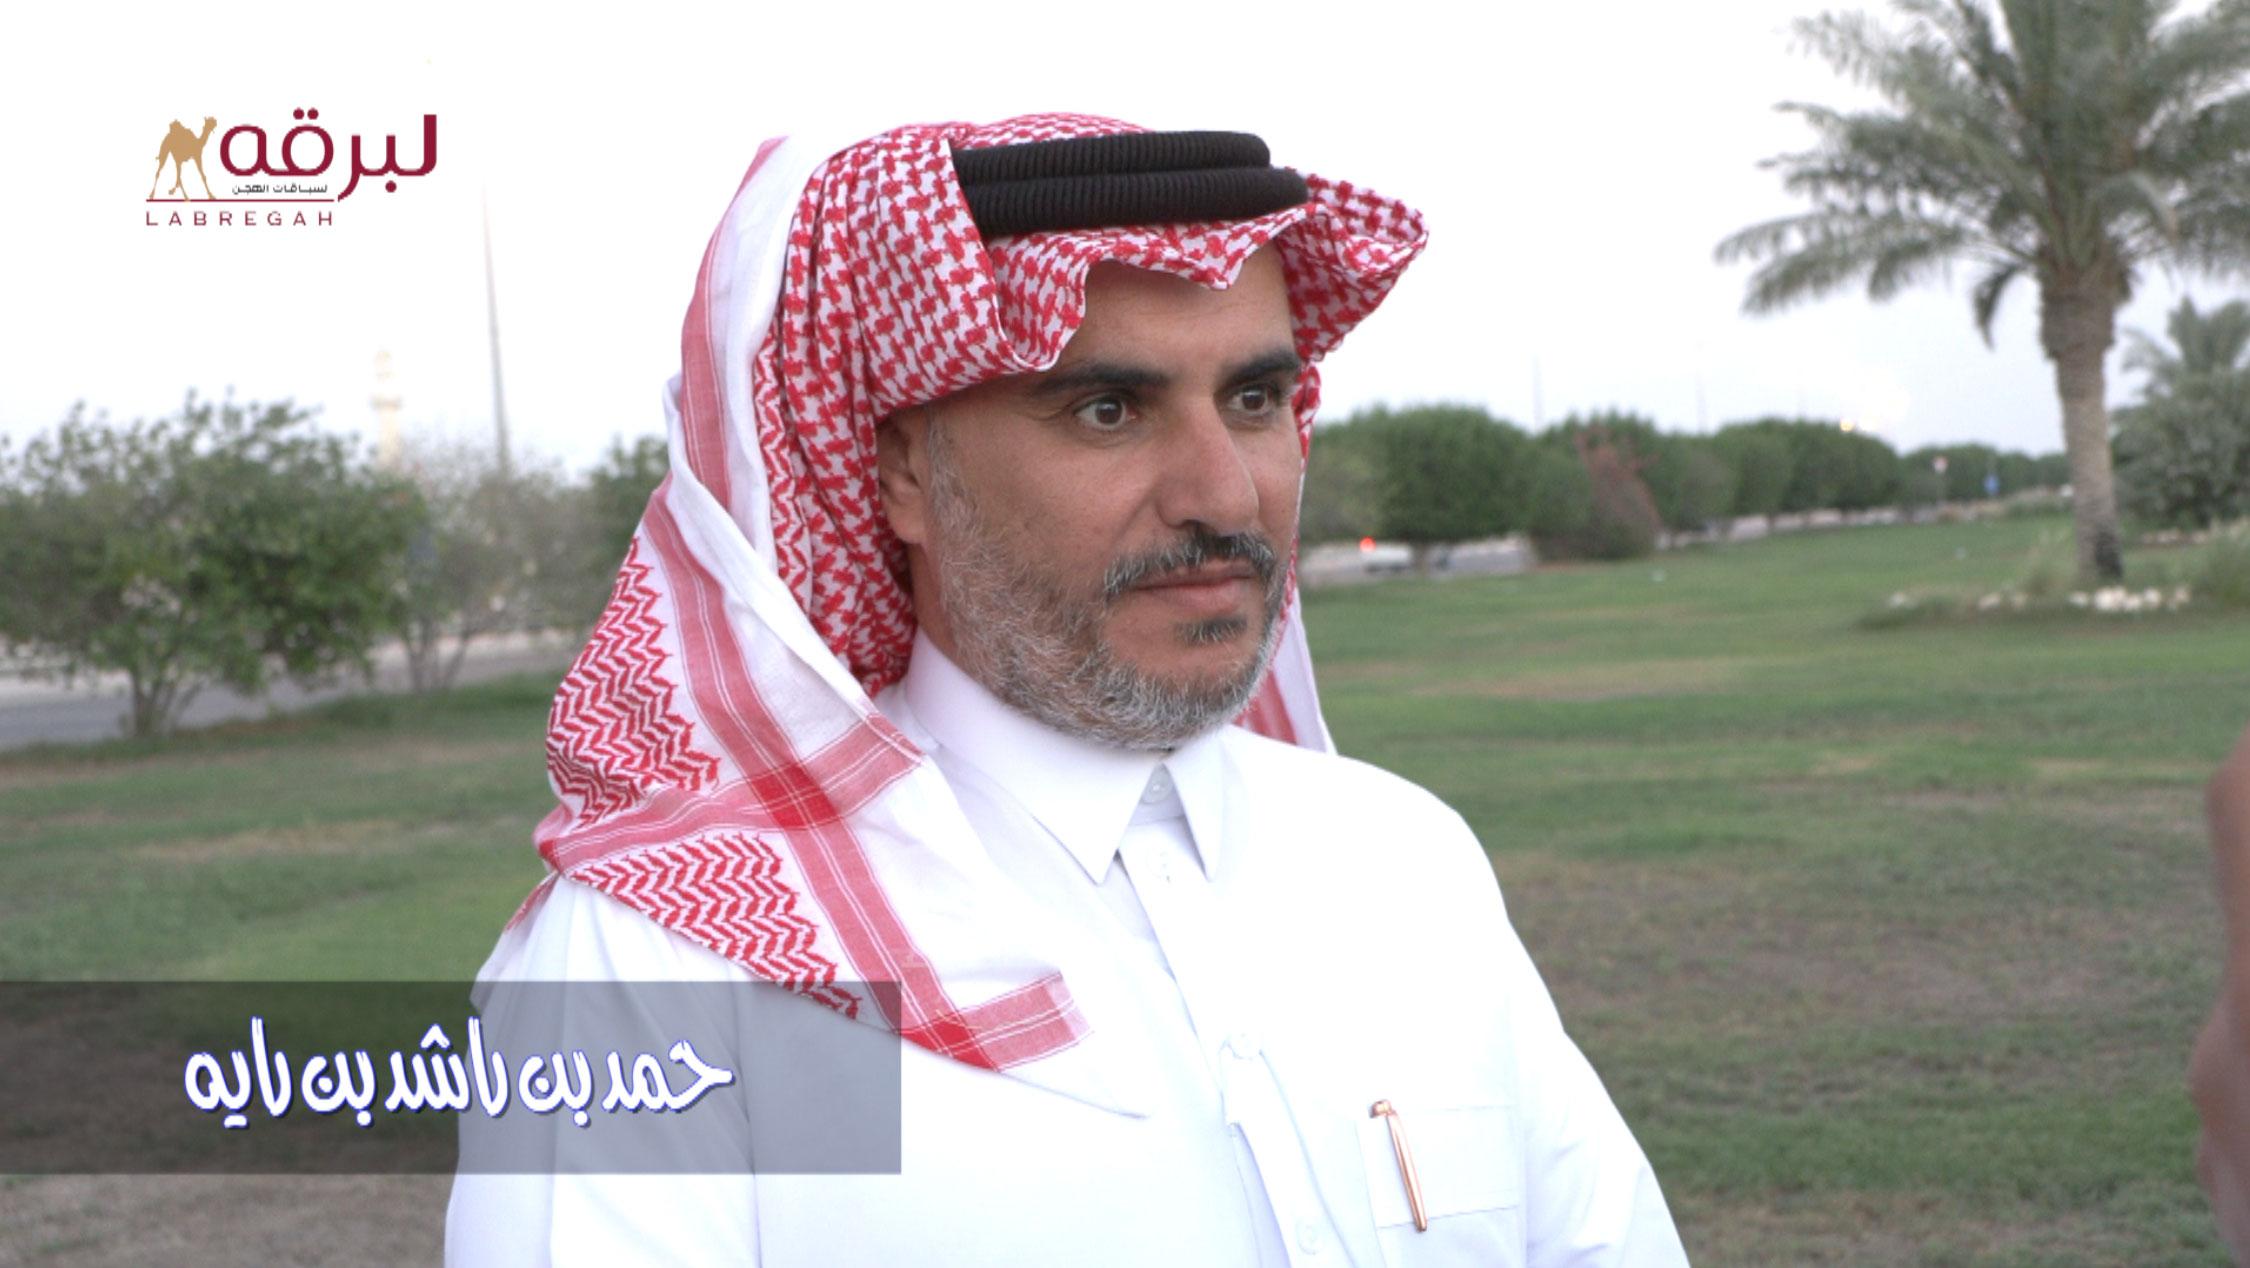 لقاء مع حمد بن راشد بن راية.. الشوط الرئيسي للقايا بكار (مفتوح) الأشواط العامة  ٨-١٠-٢٠٢١